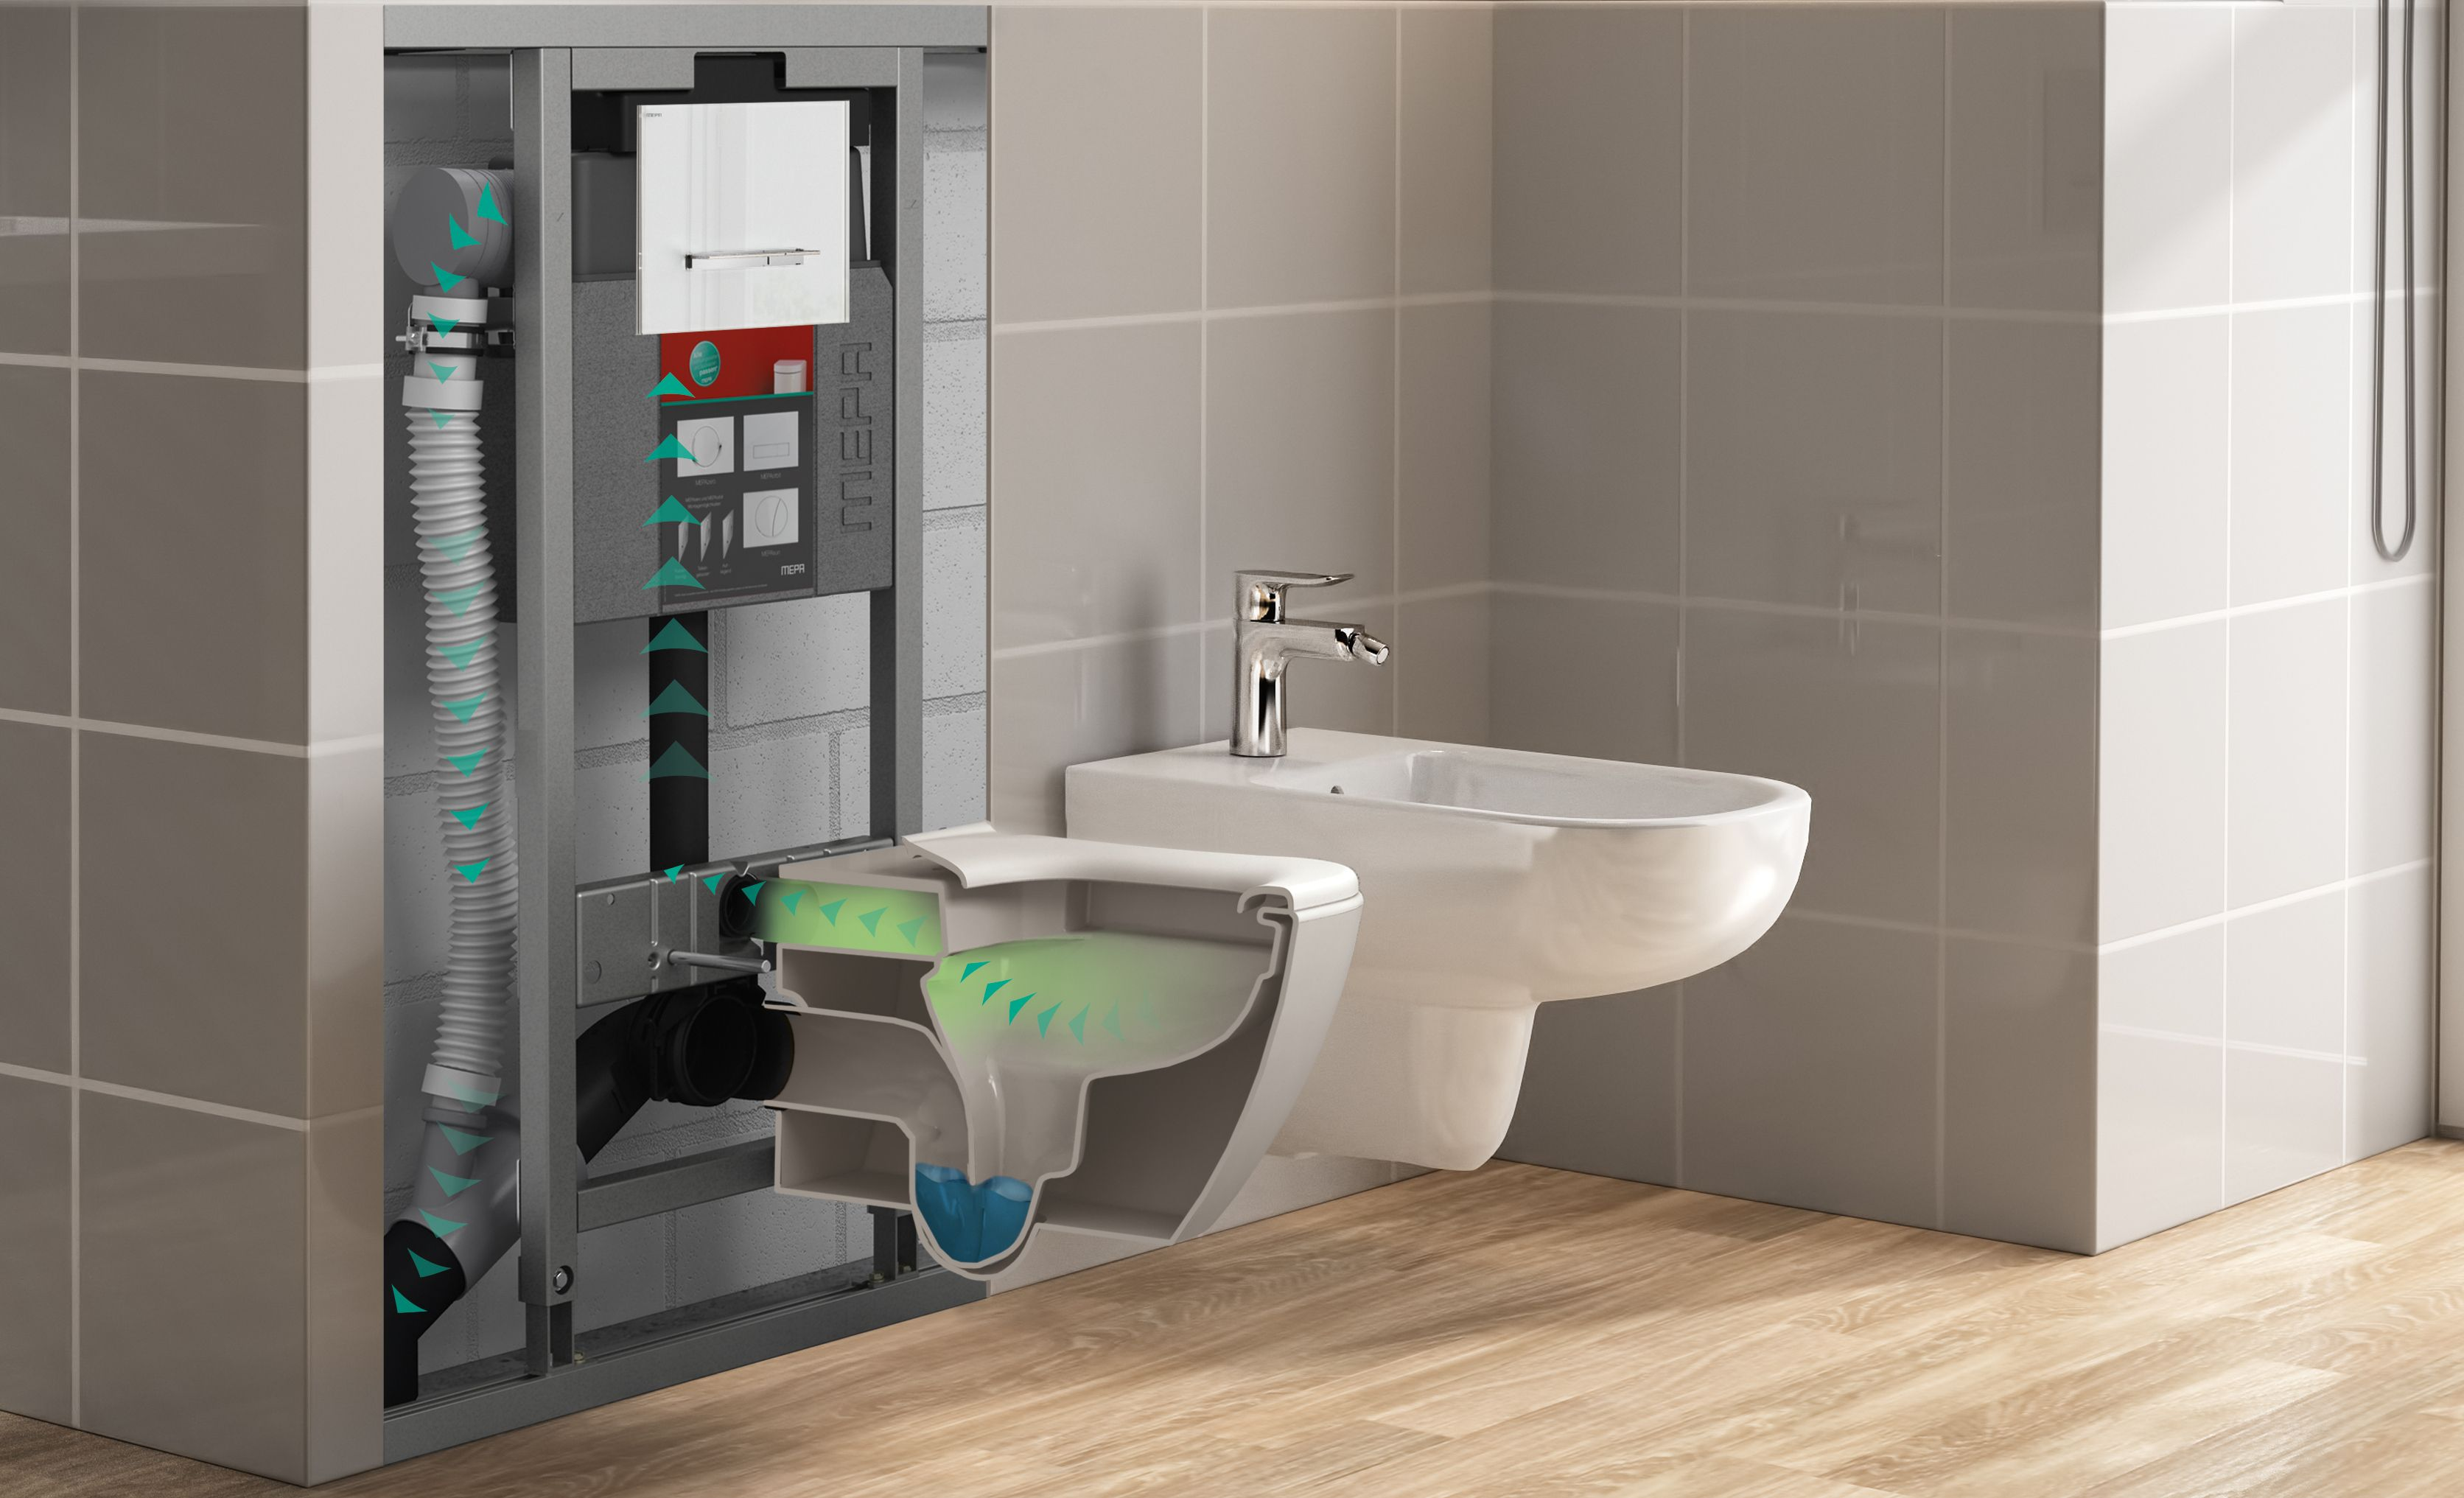 Mepa Vorwandinstallationssystem Varivit Weiter Ausgebaut Vorwand Badezimmer Sanitar